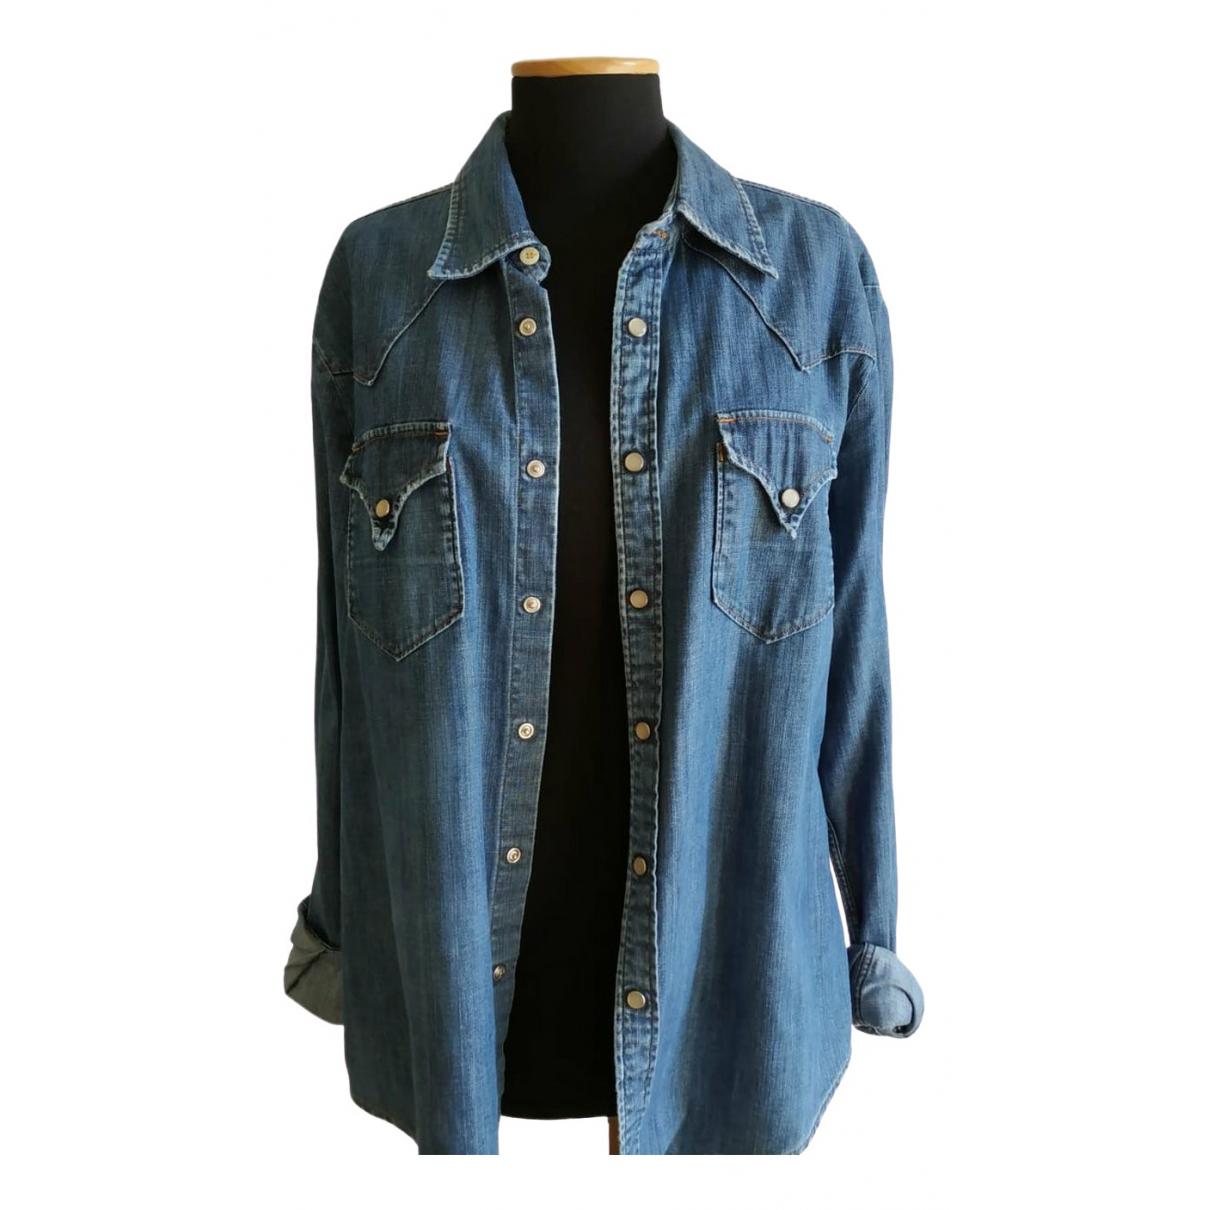 Htc \N Hemden in  Blau Baumwolle